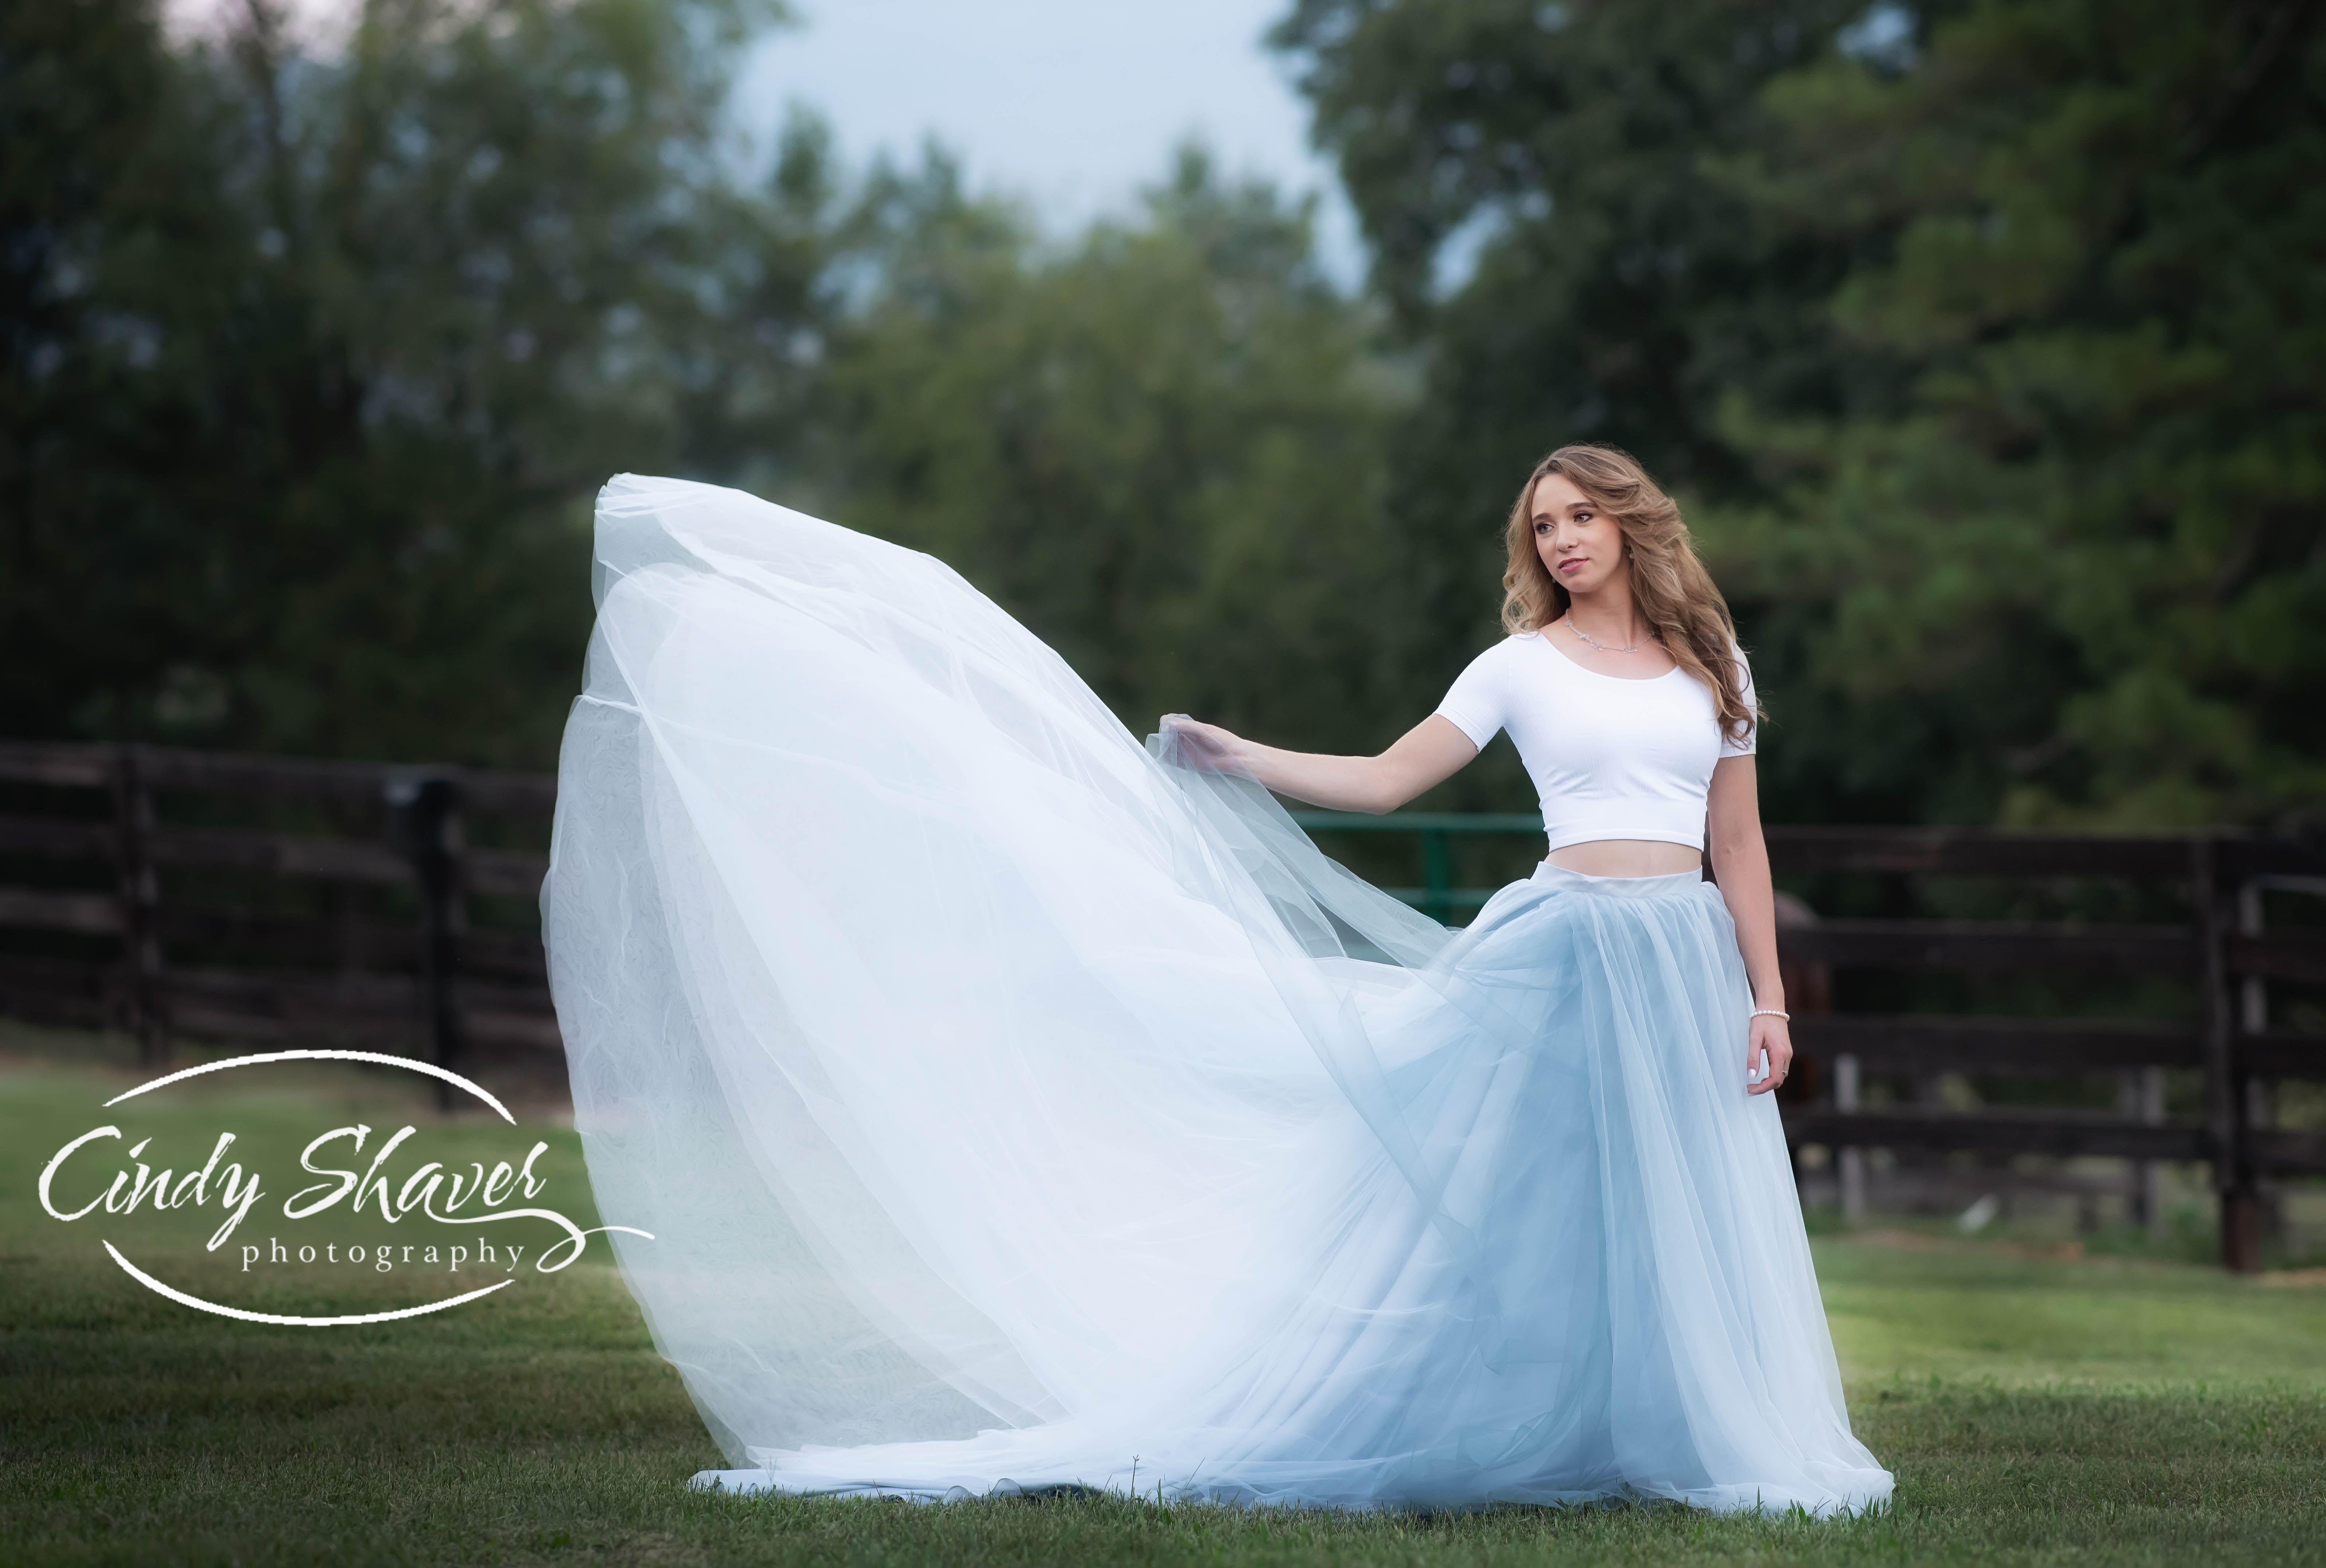 Wedding dress huntsville al  Senior girl long tulle skirt outdoor senior pictures  Alabama